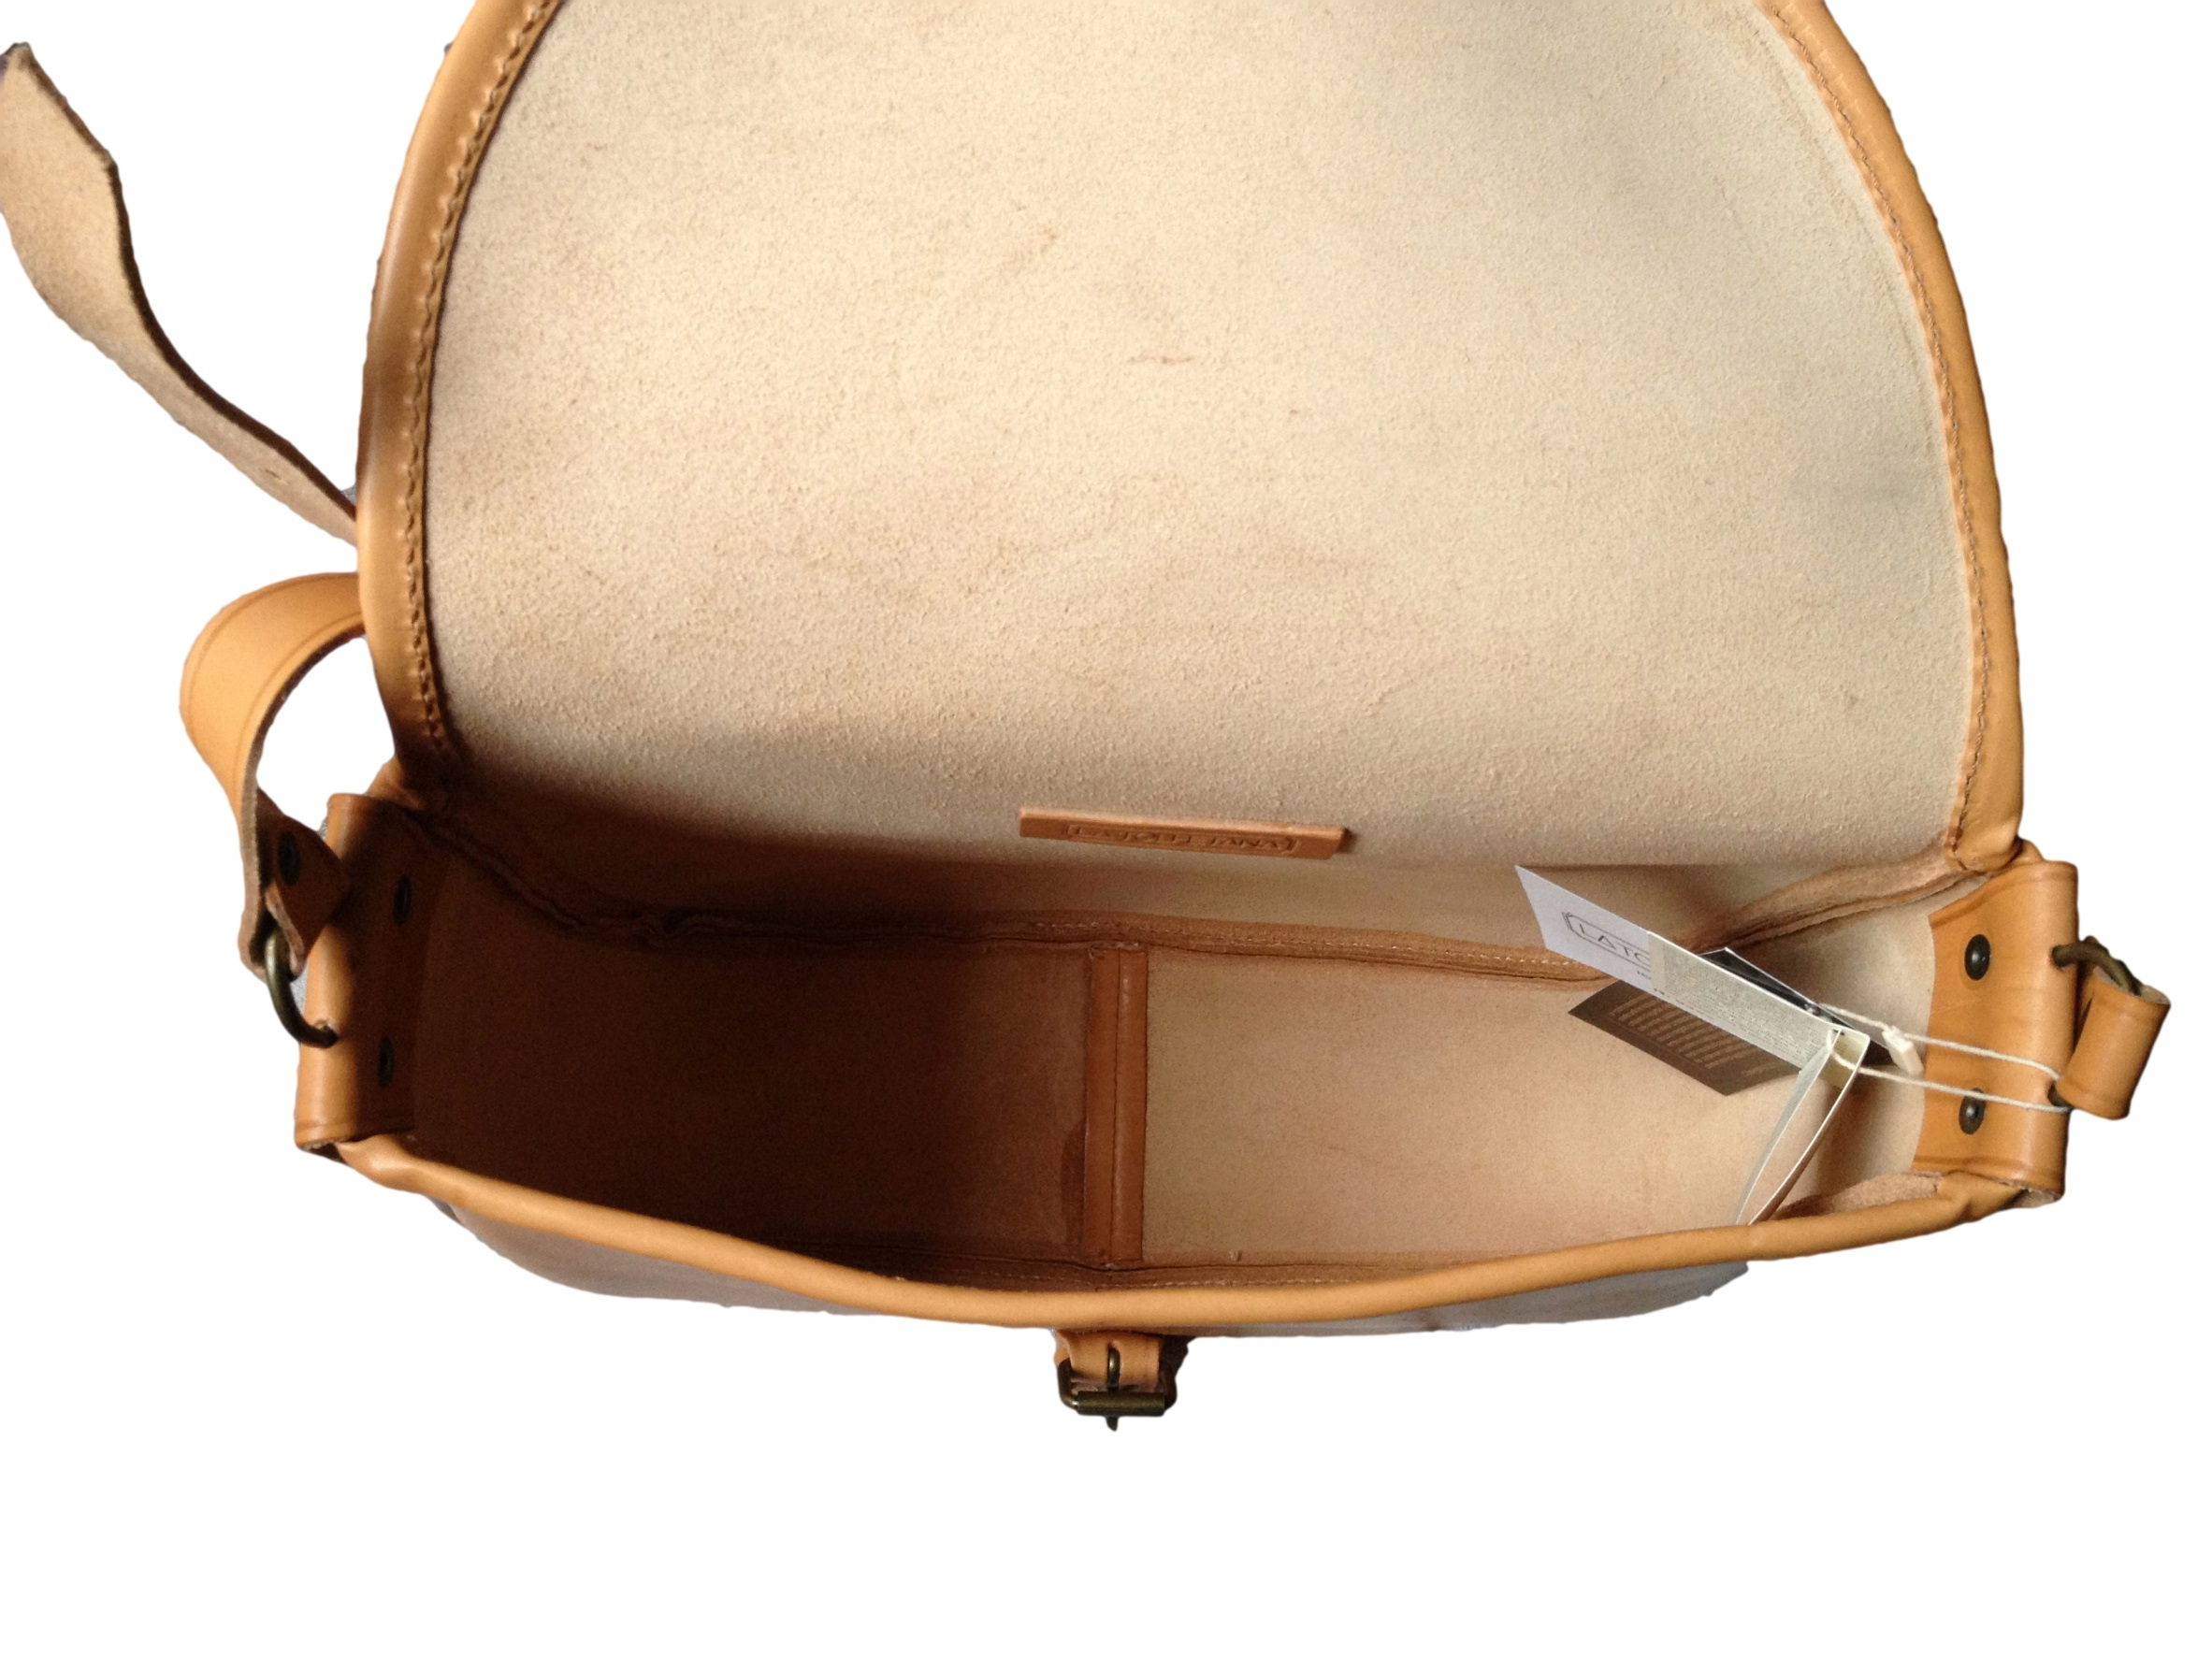 La tolfetana borse